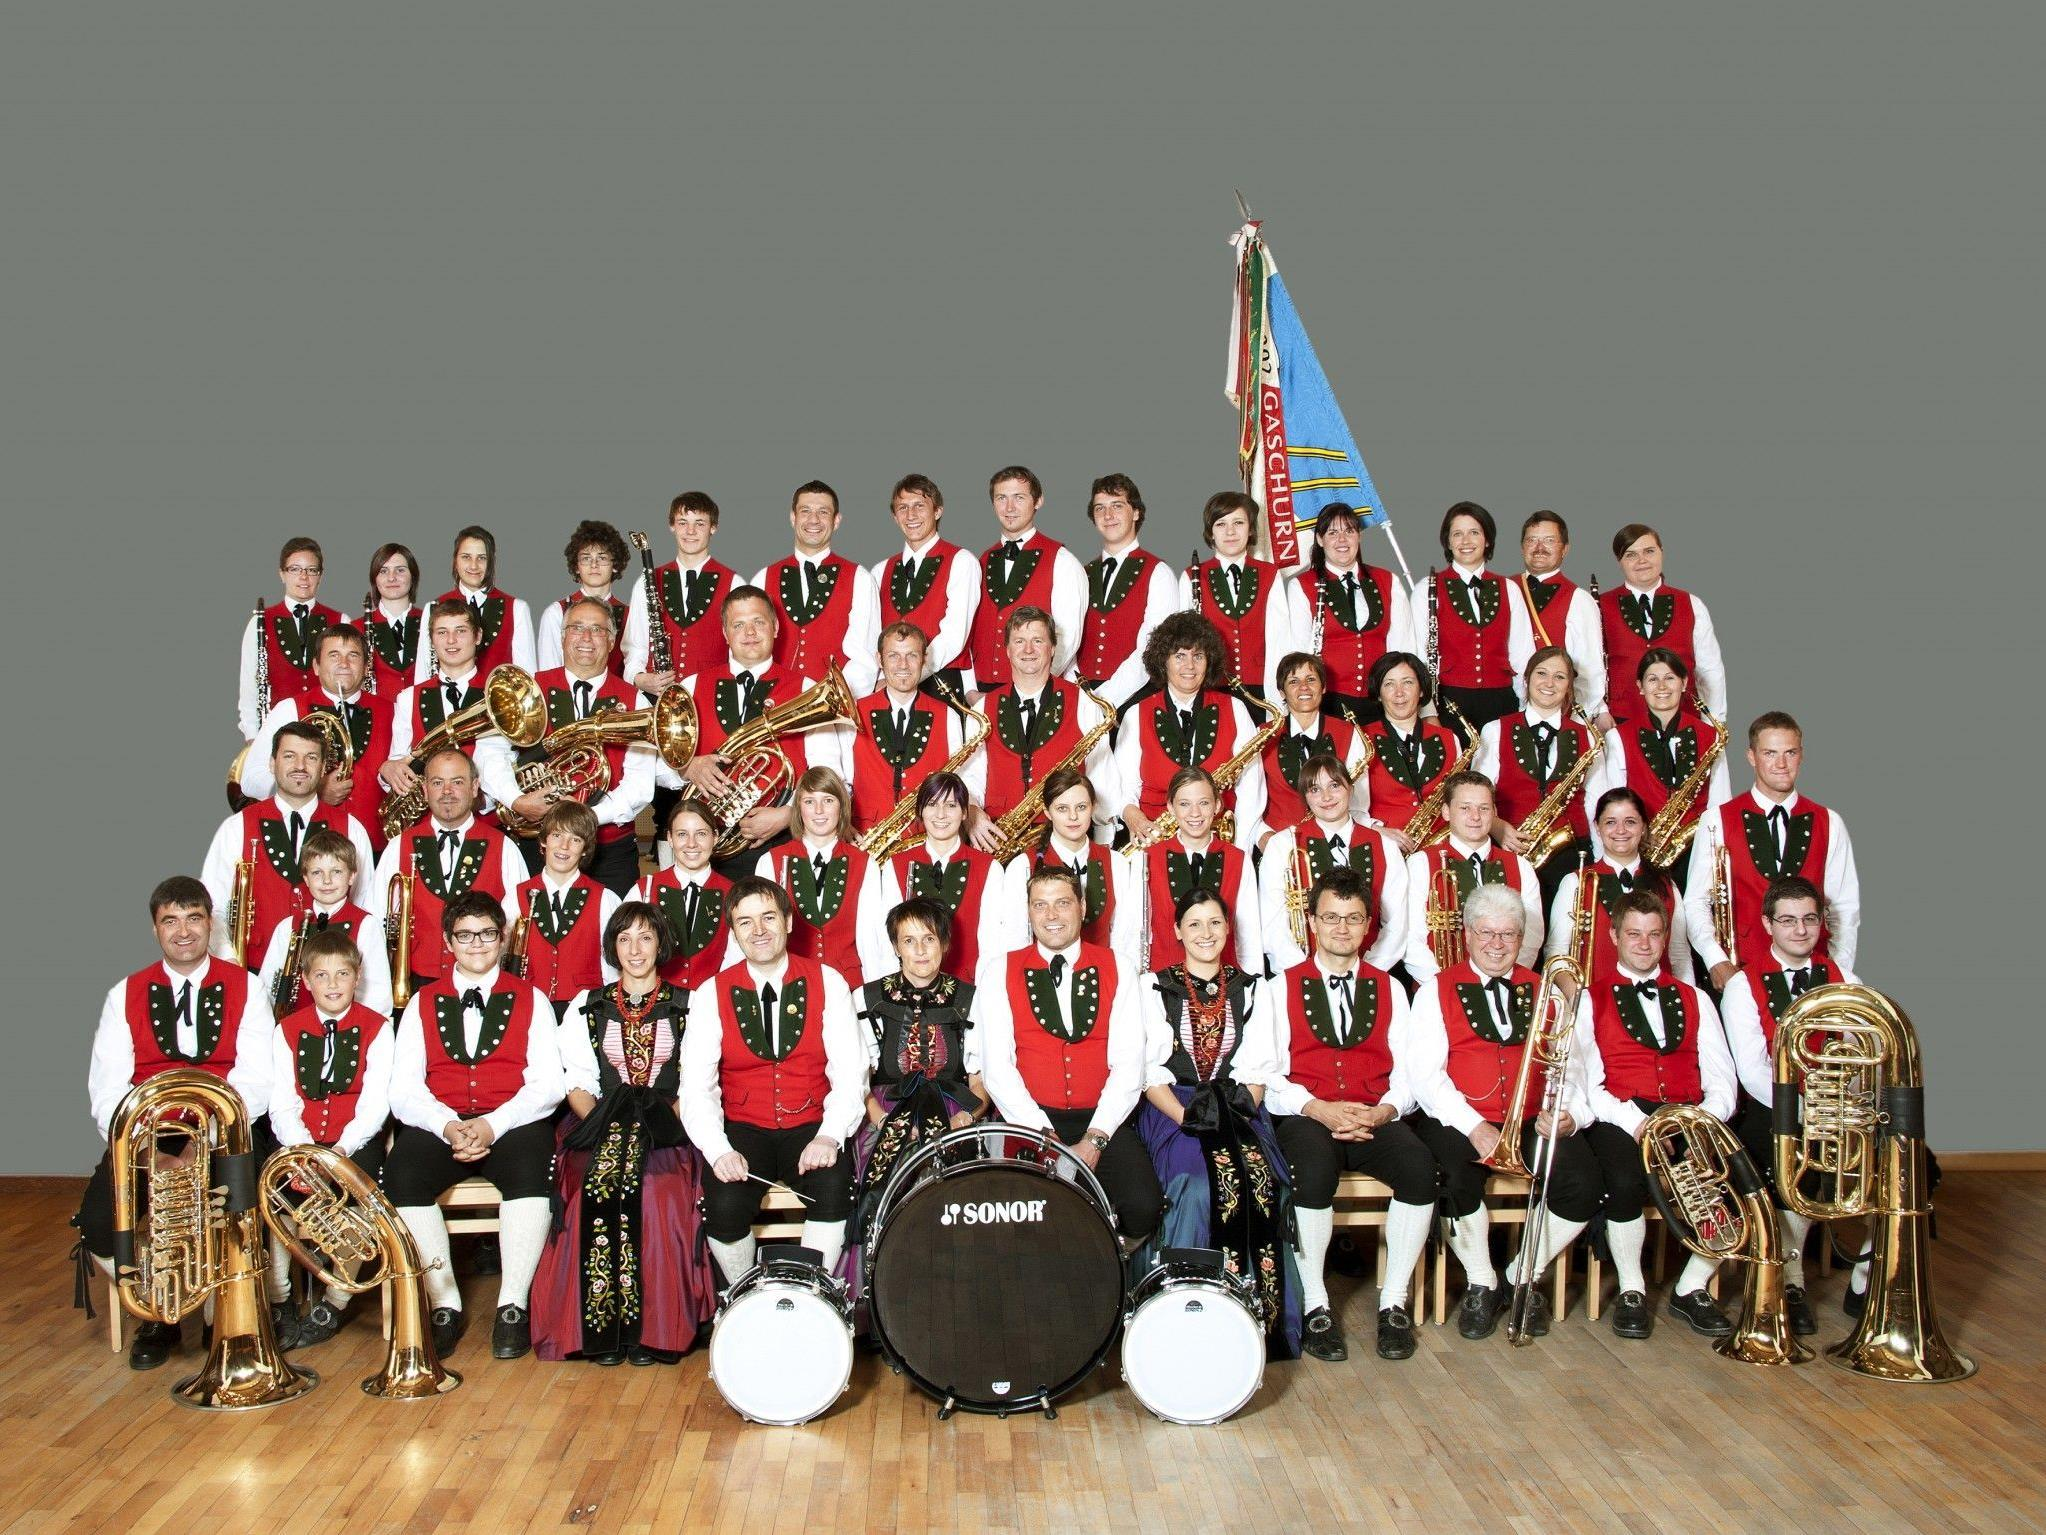 Die Bürgermusik Gaschurn-Partenen lädt zum Jahresabschlusskonzert.